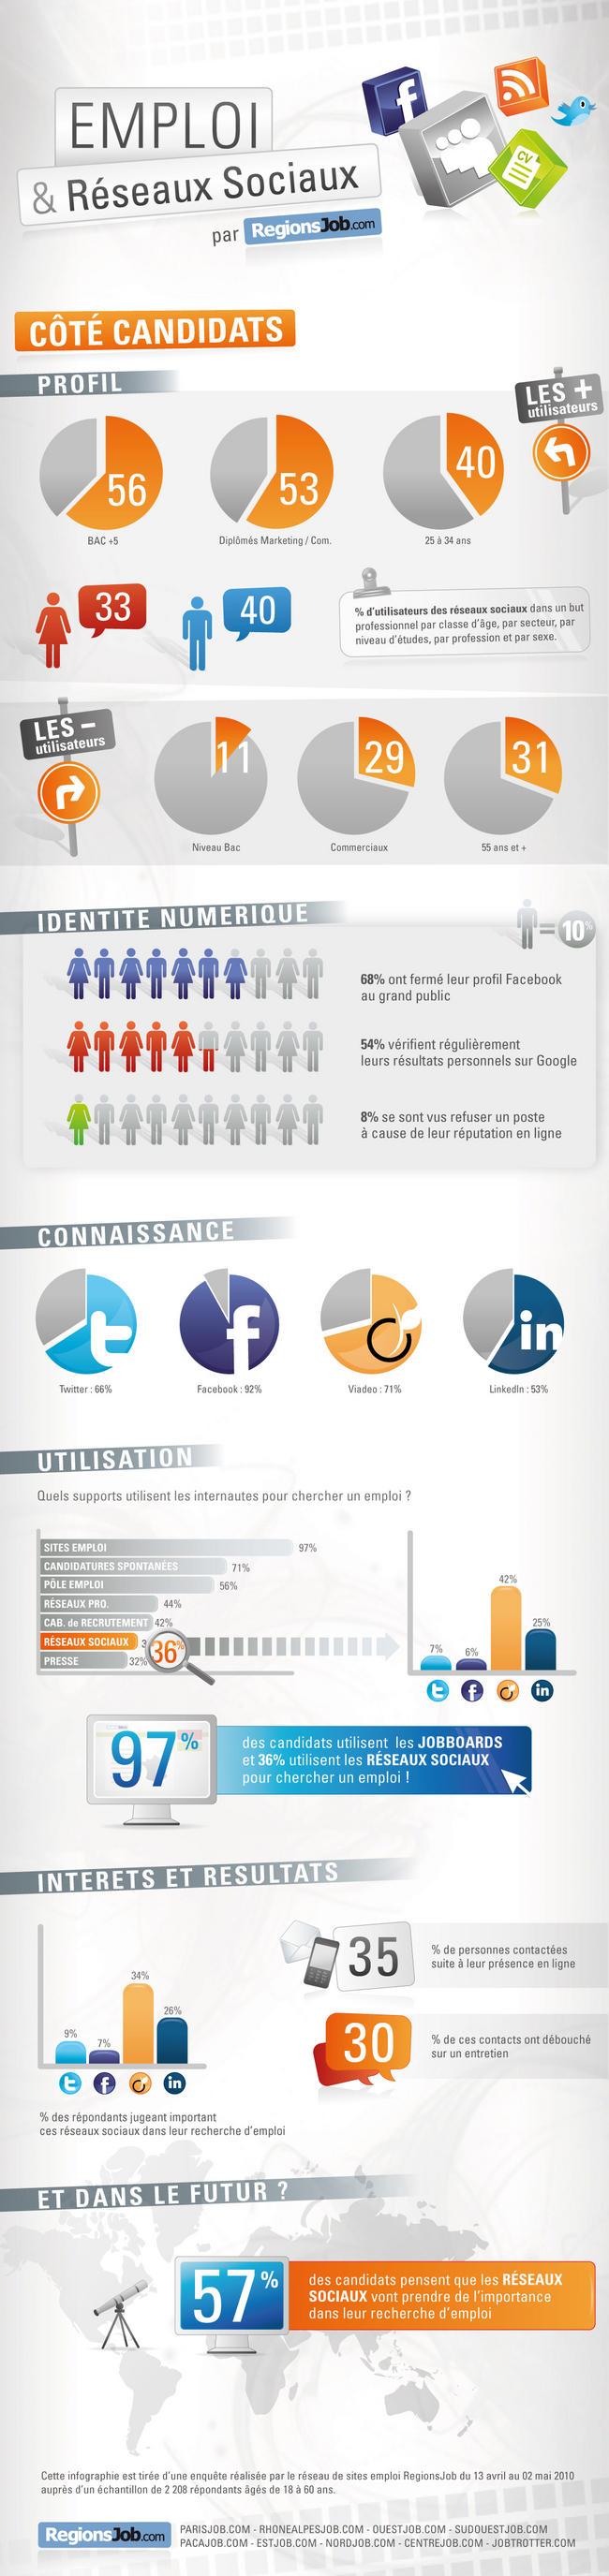 54855cc940b Utilisation des réseaux sociaux pour le recrutement 2011